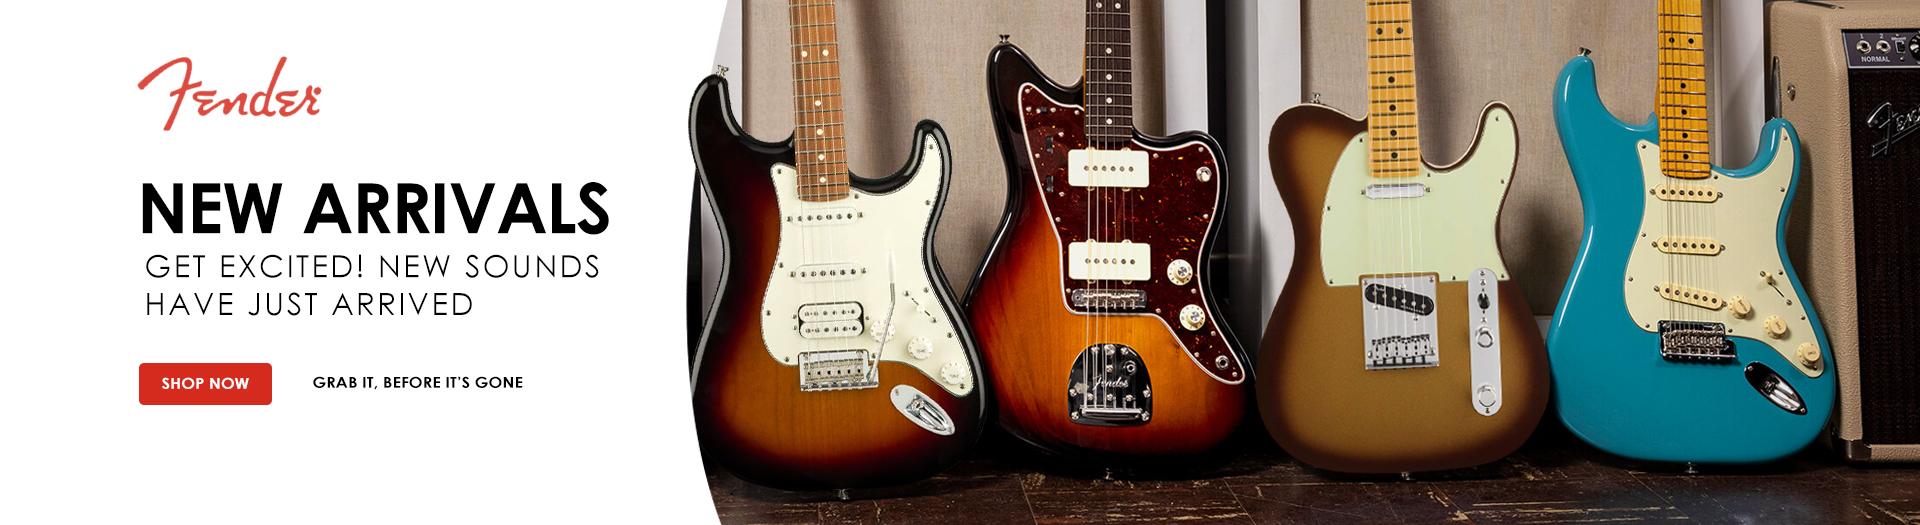 Fender Guitars in UAE